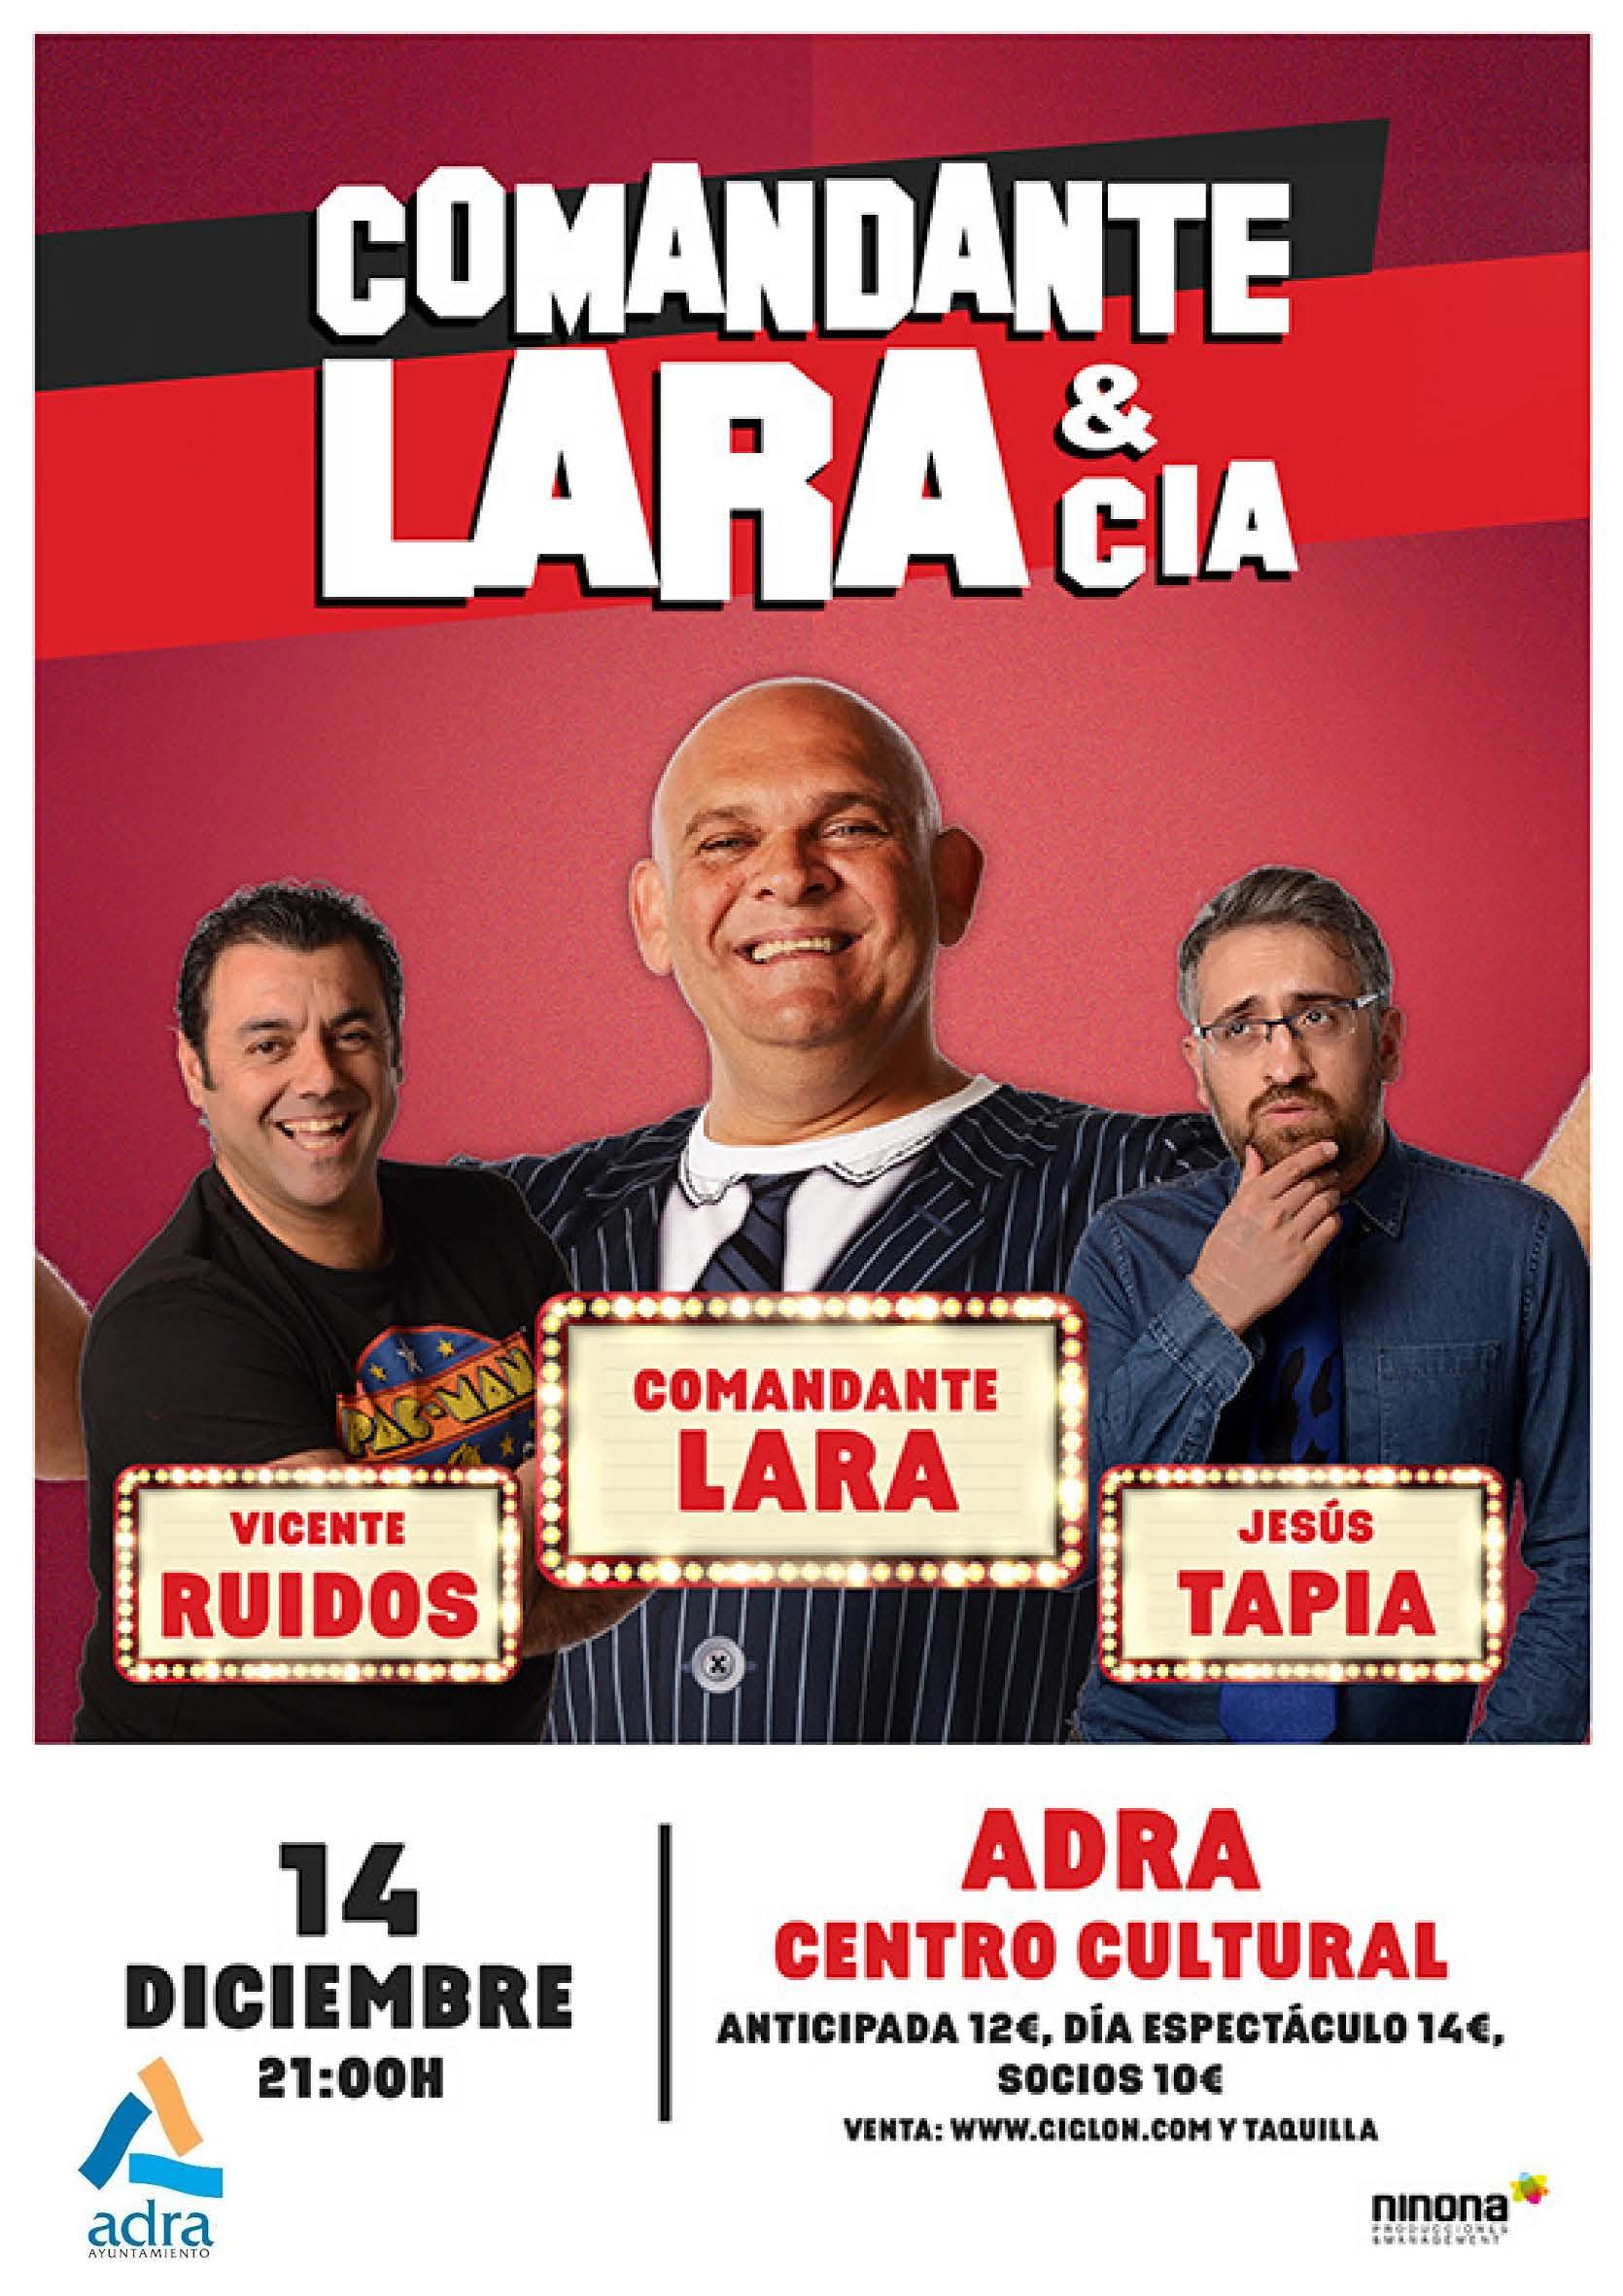 Photo of El humor gaditano de 'Comandante Lara & Cía' llega al Centro Cultural el 14 de diciembre